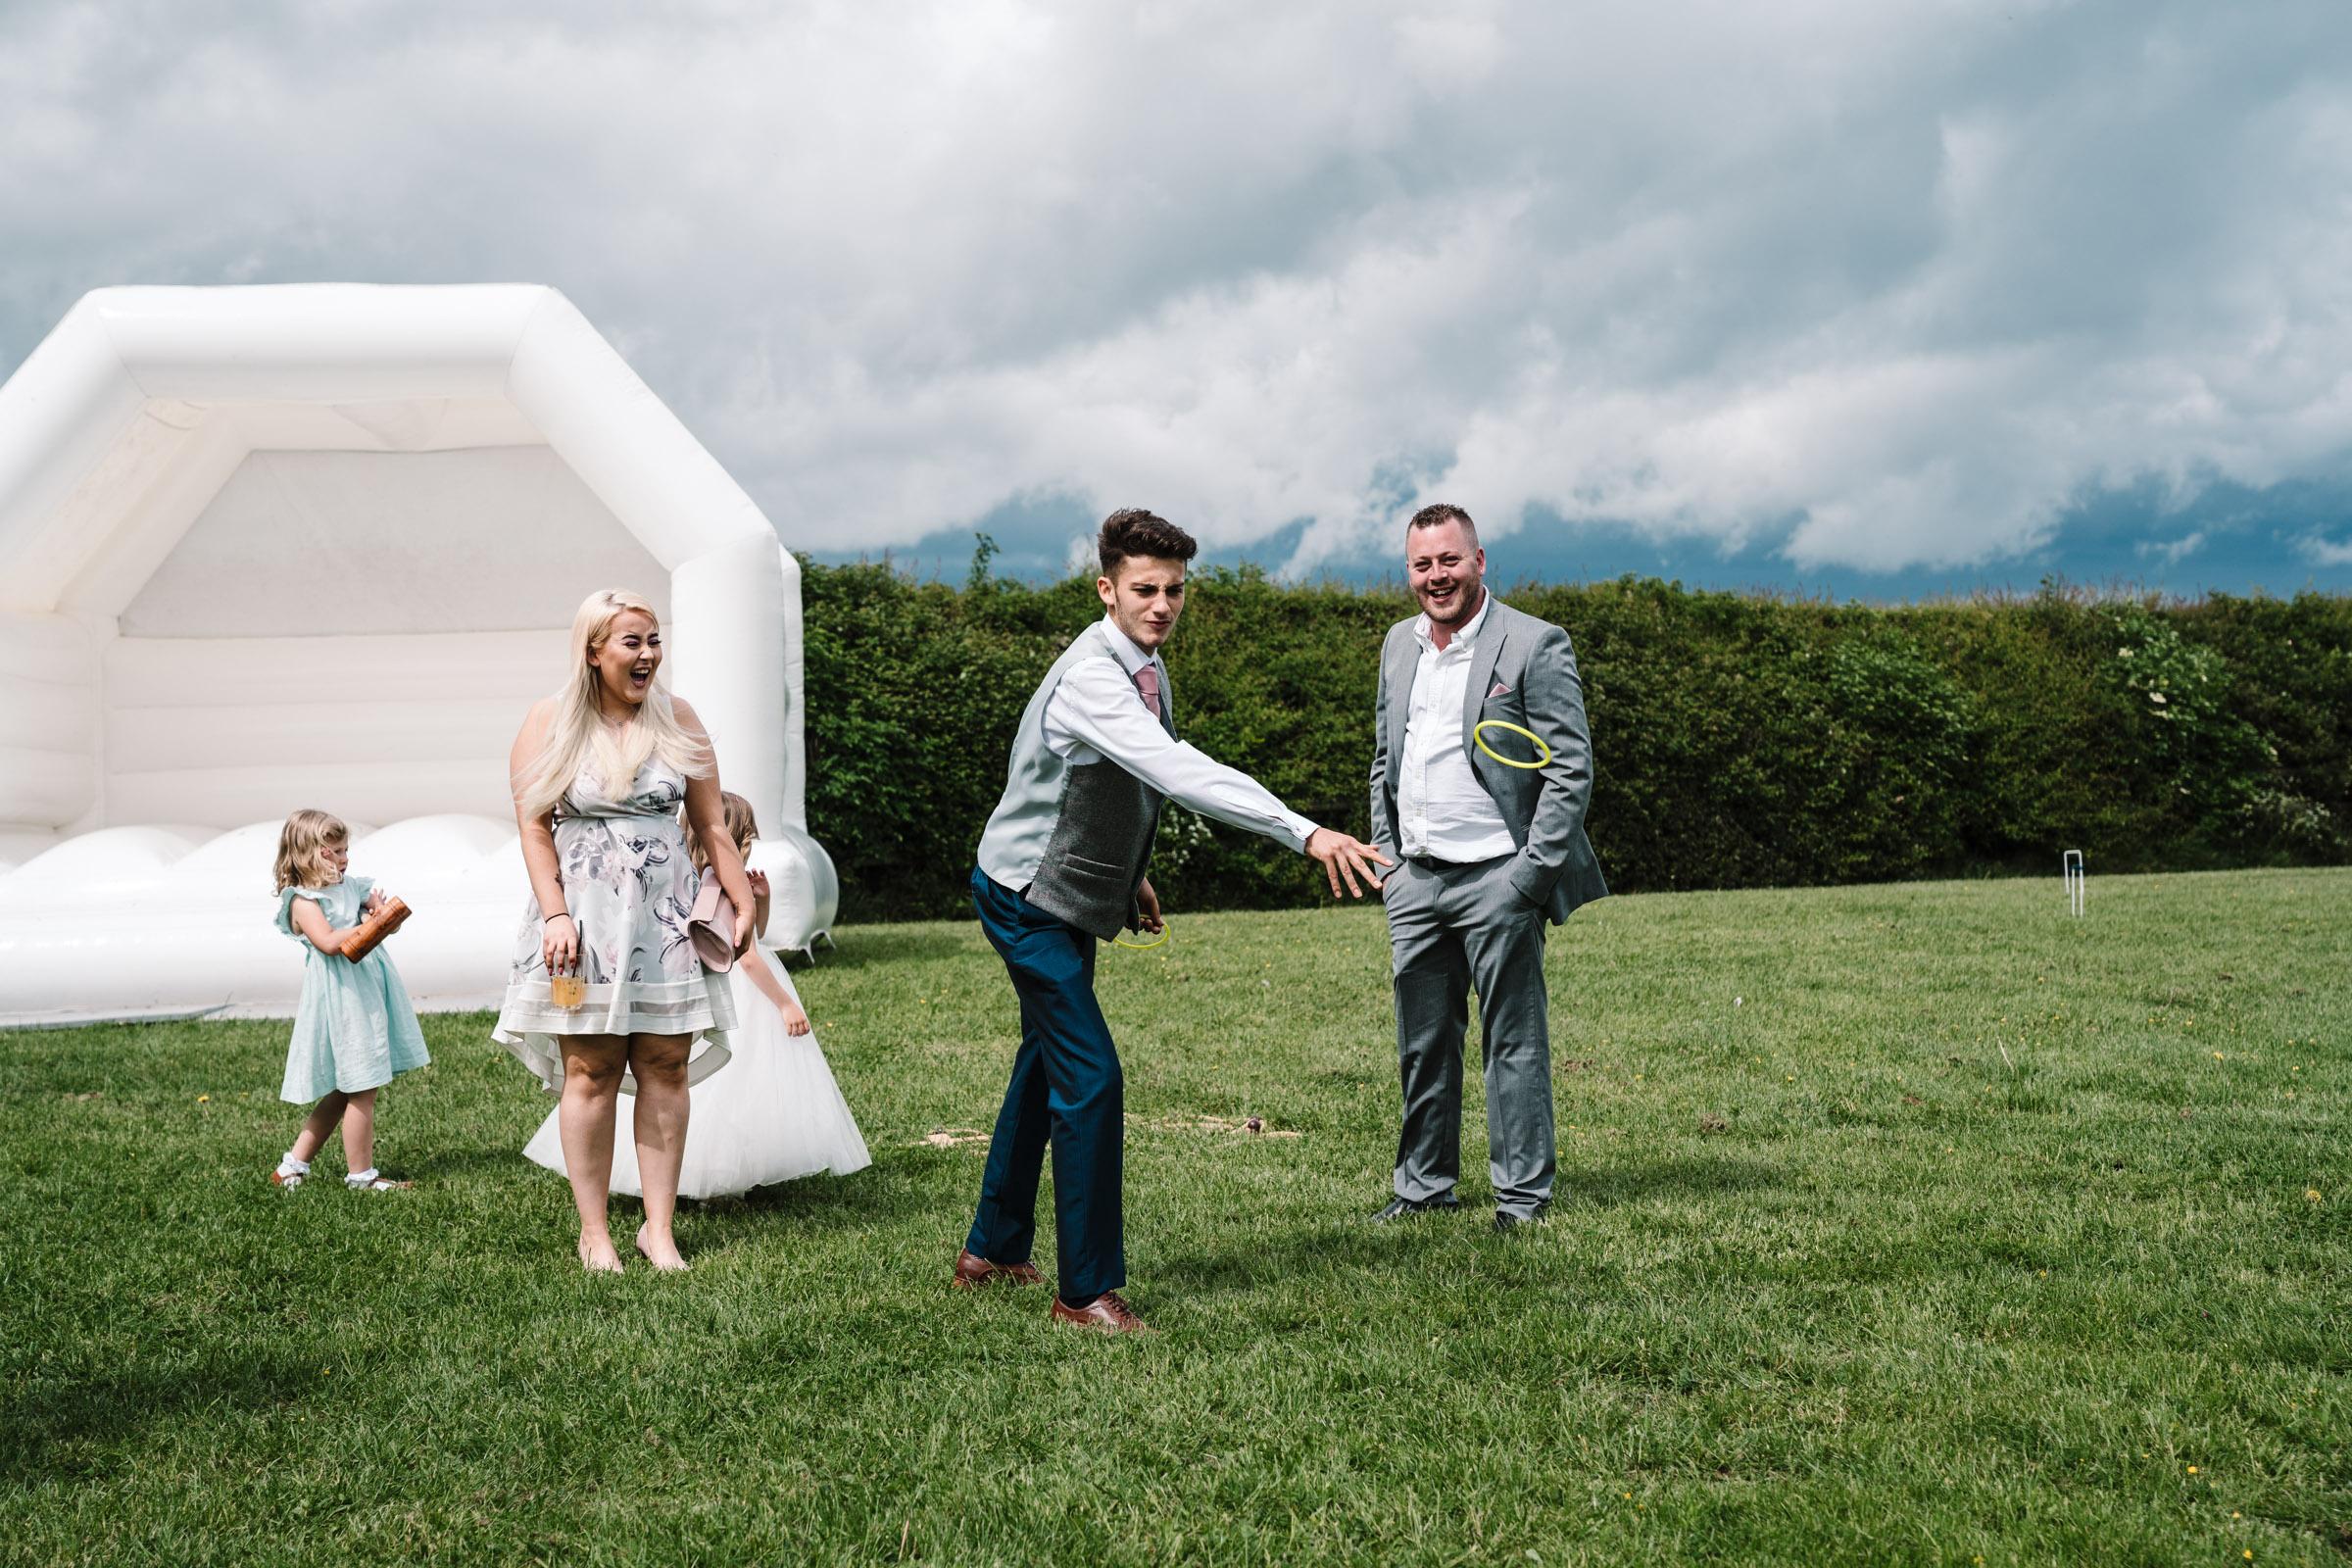 Garden games, royal arms hotel wedding